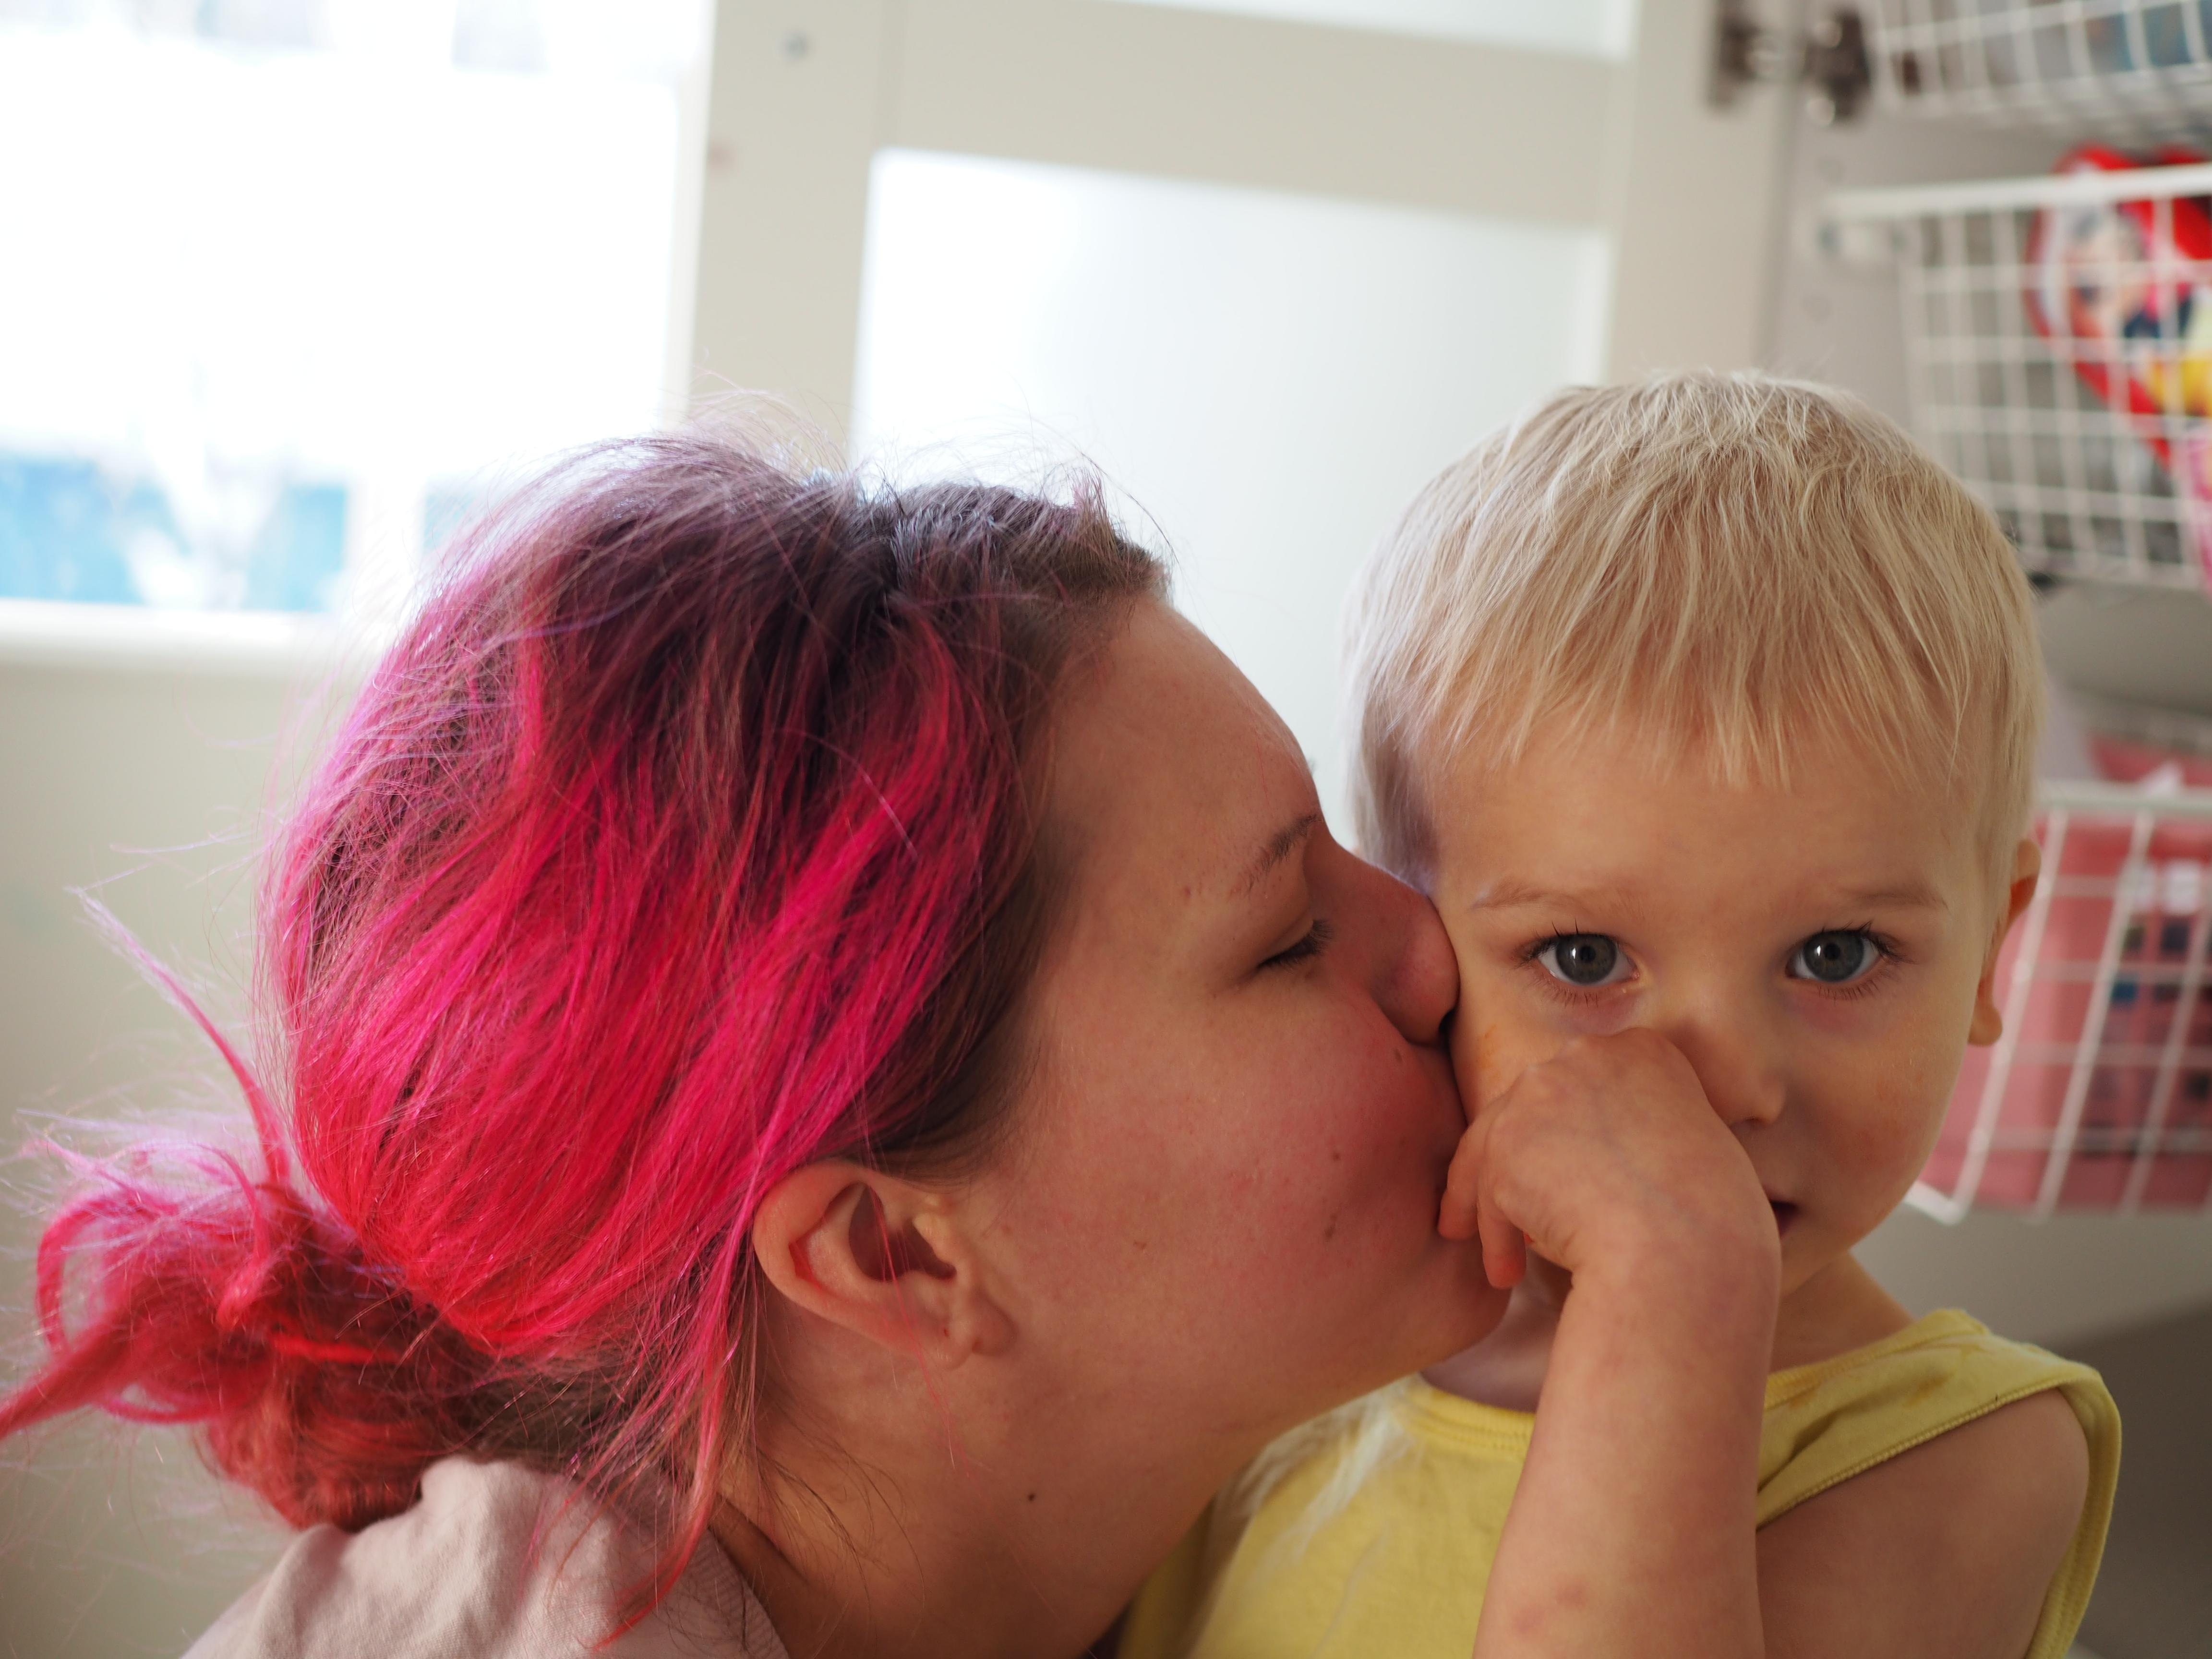 Amalia sai äidistä ja Milosta hellyyttävän kuvan